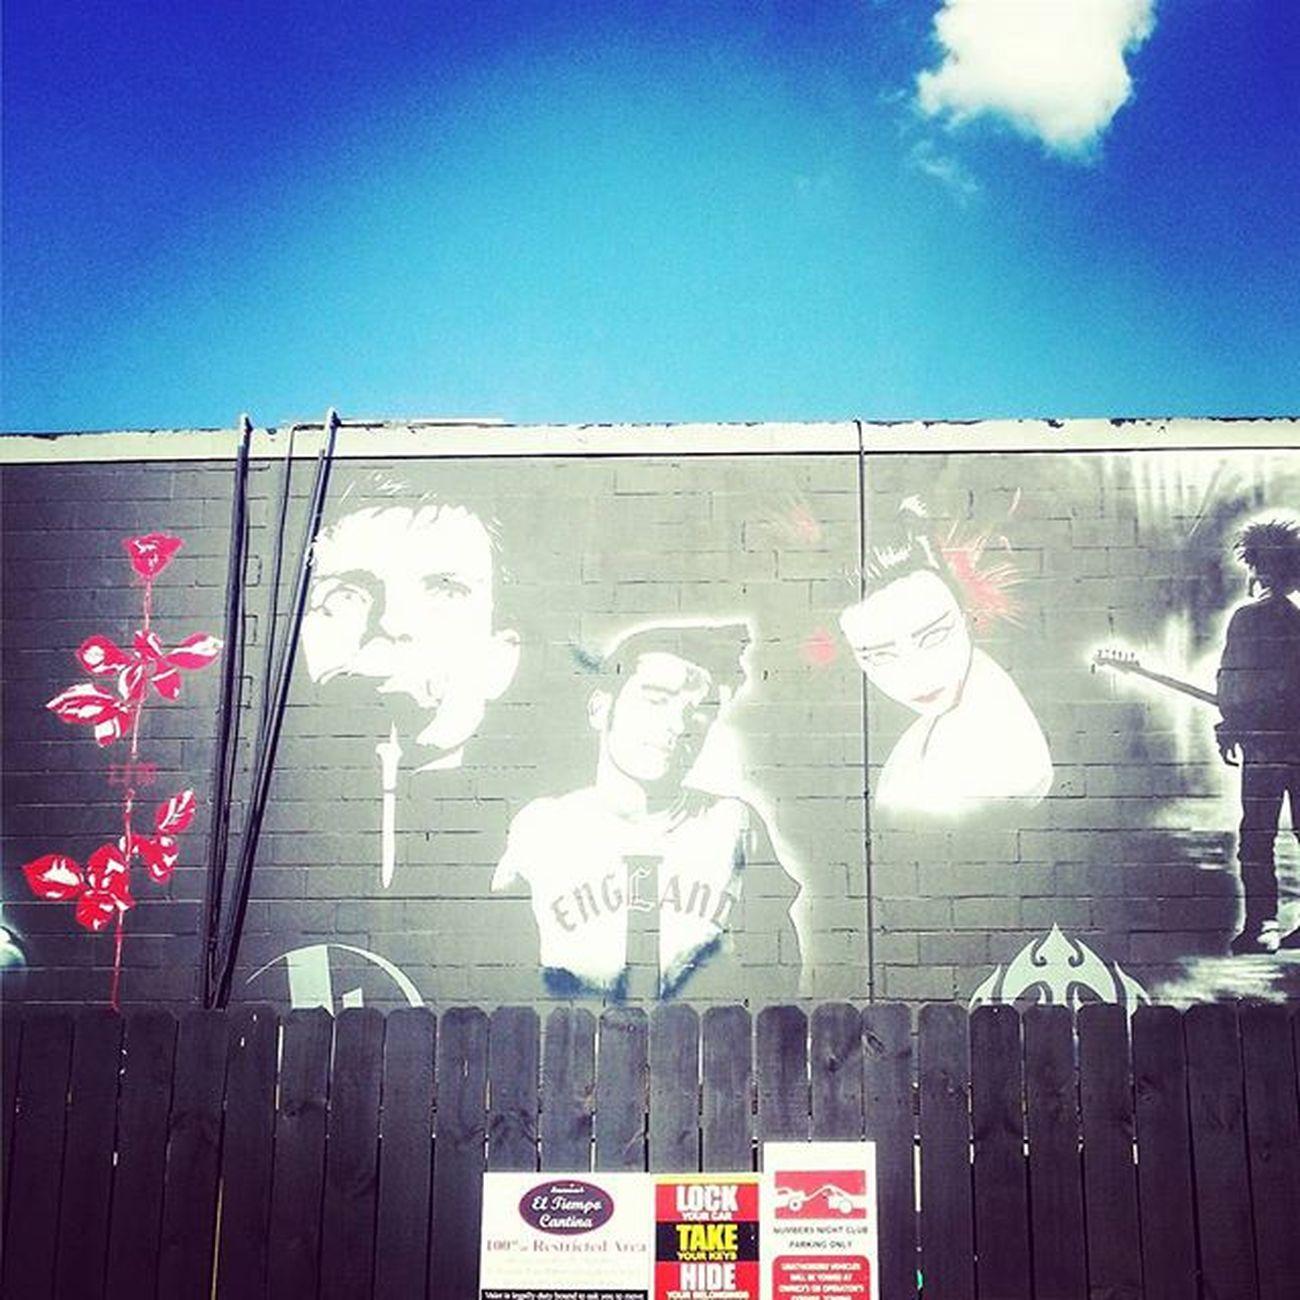 Depechemode Morrissey Sousiesiouxs Thecure Joydivision Houston Texas Montrose Gayborhood SundayFunday Streetart Urbanjungle